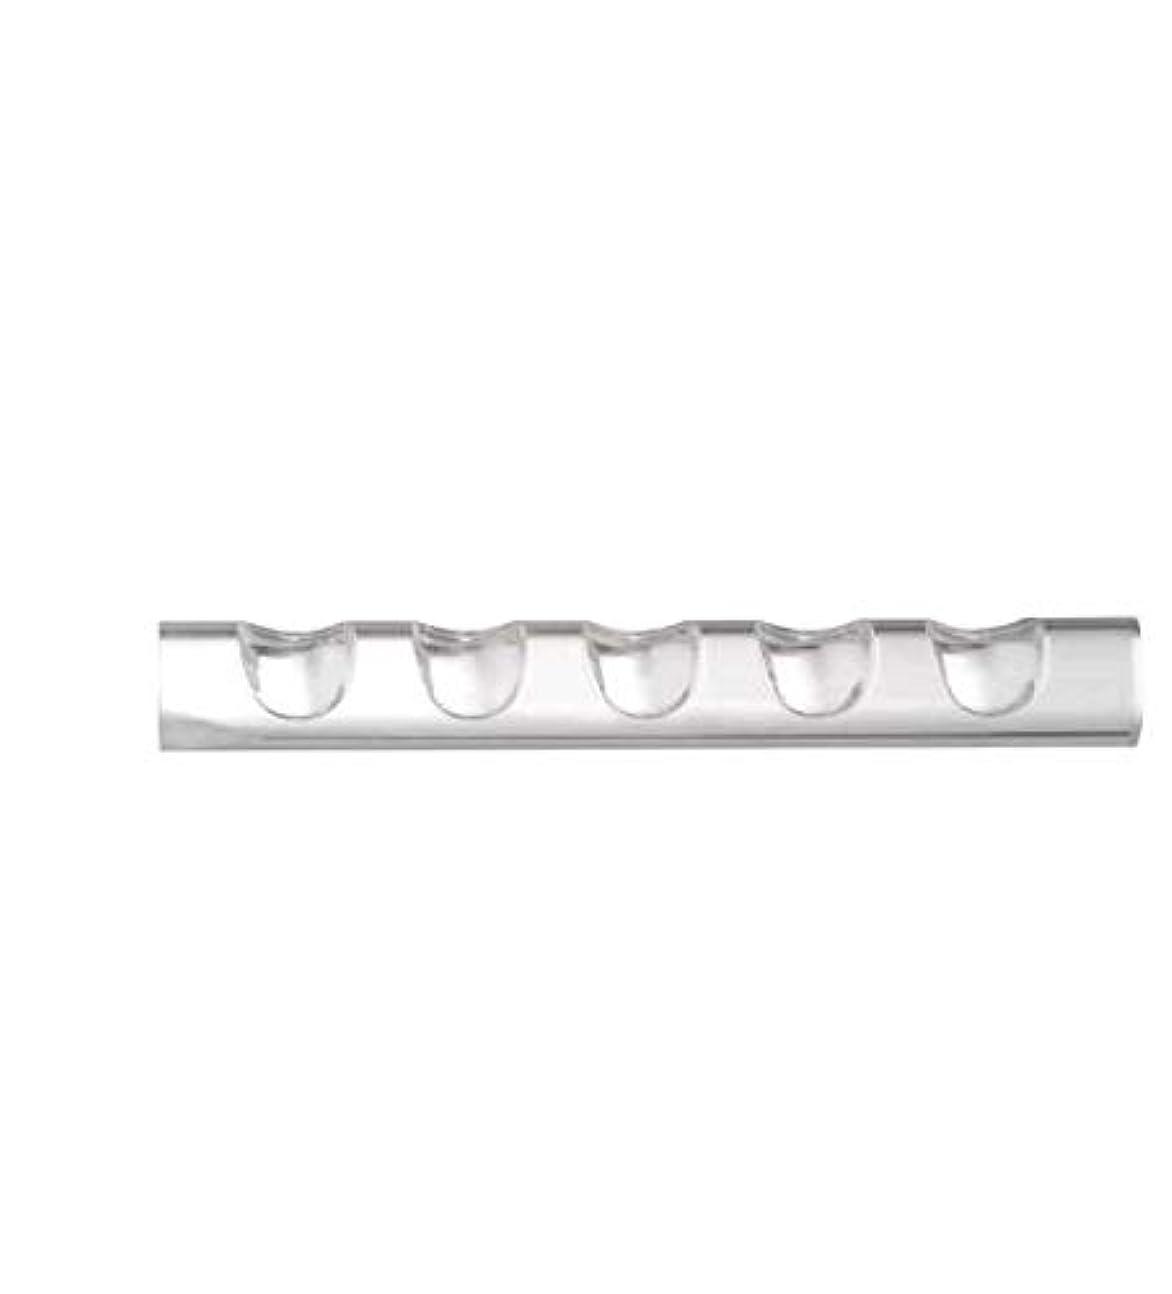 ポーター浴元の5ネイルペンネイルブラシホルダー用ネイルツールペンブラシラッククリアアクリルスタンドホルダー